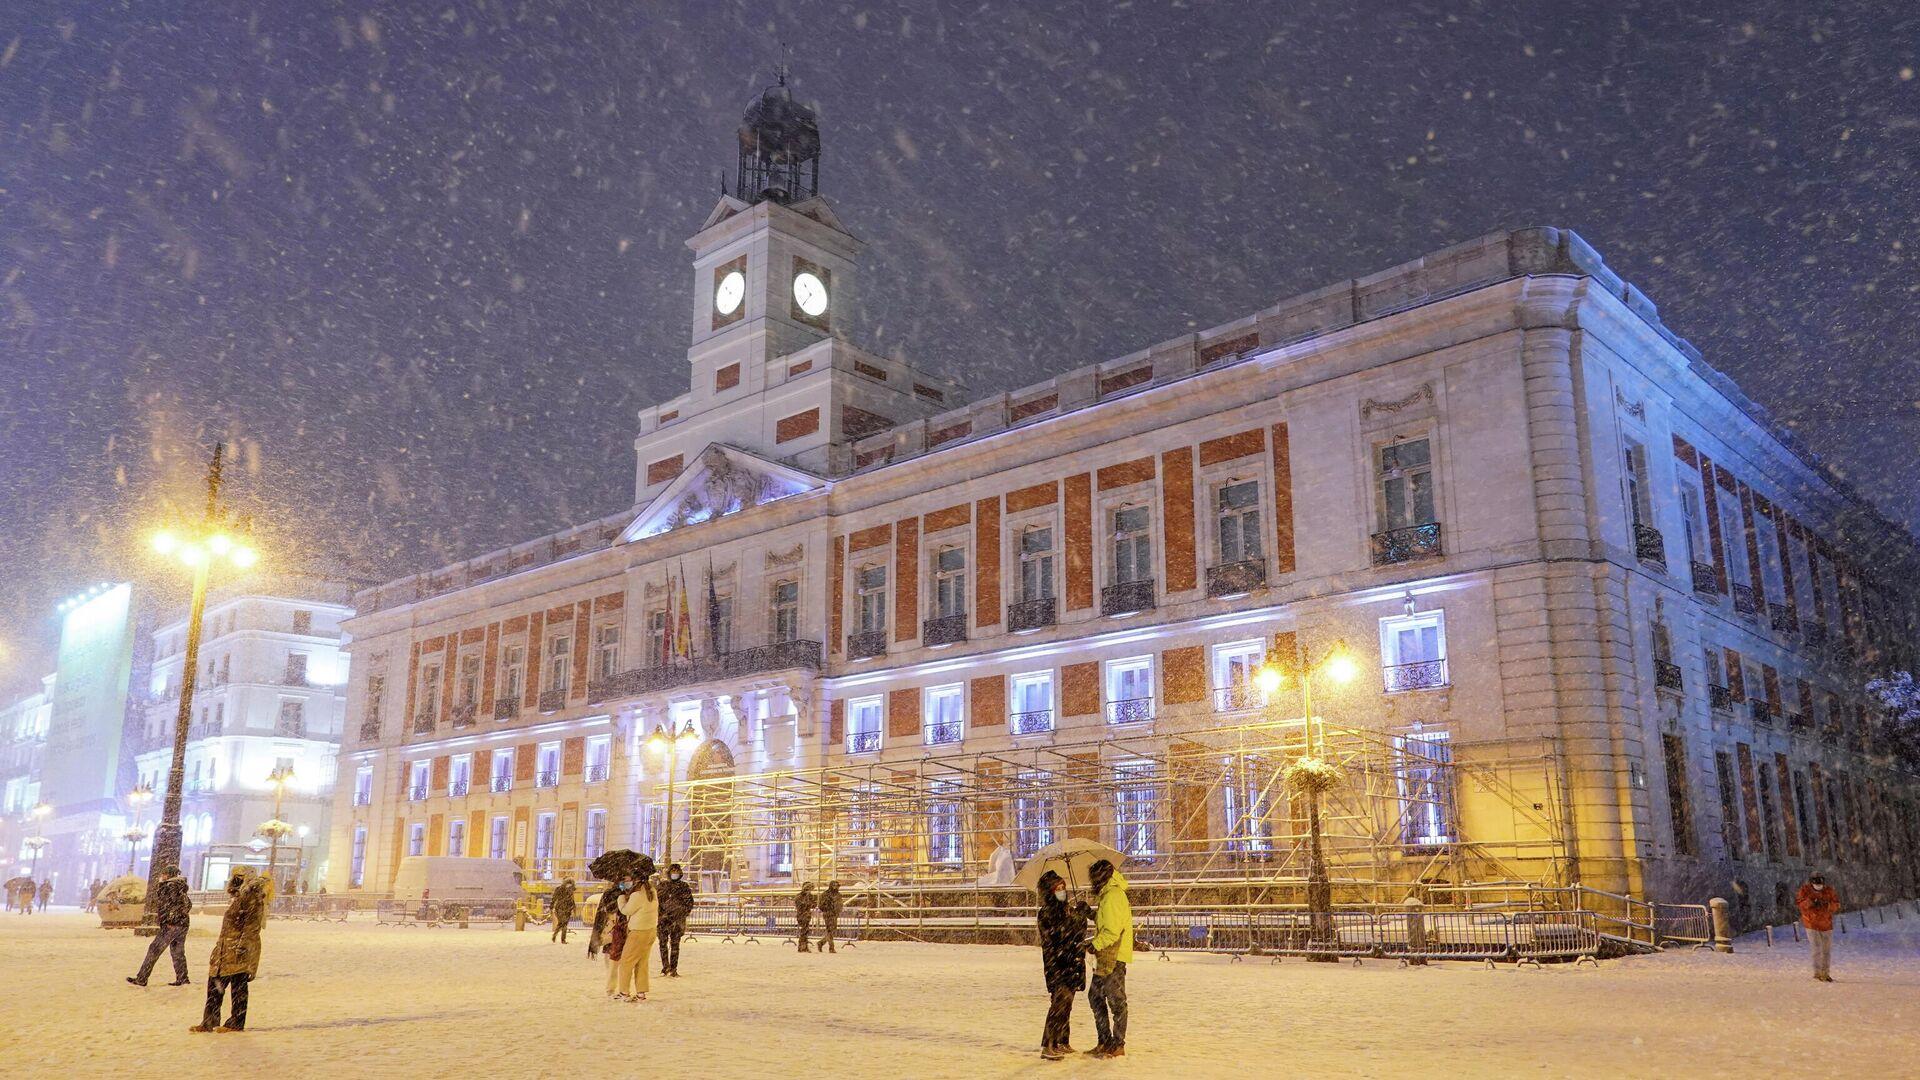 Снегопад в Мадриде - РИА Новости, 1920, 09.01.2021